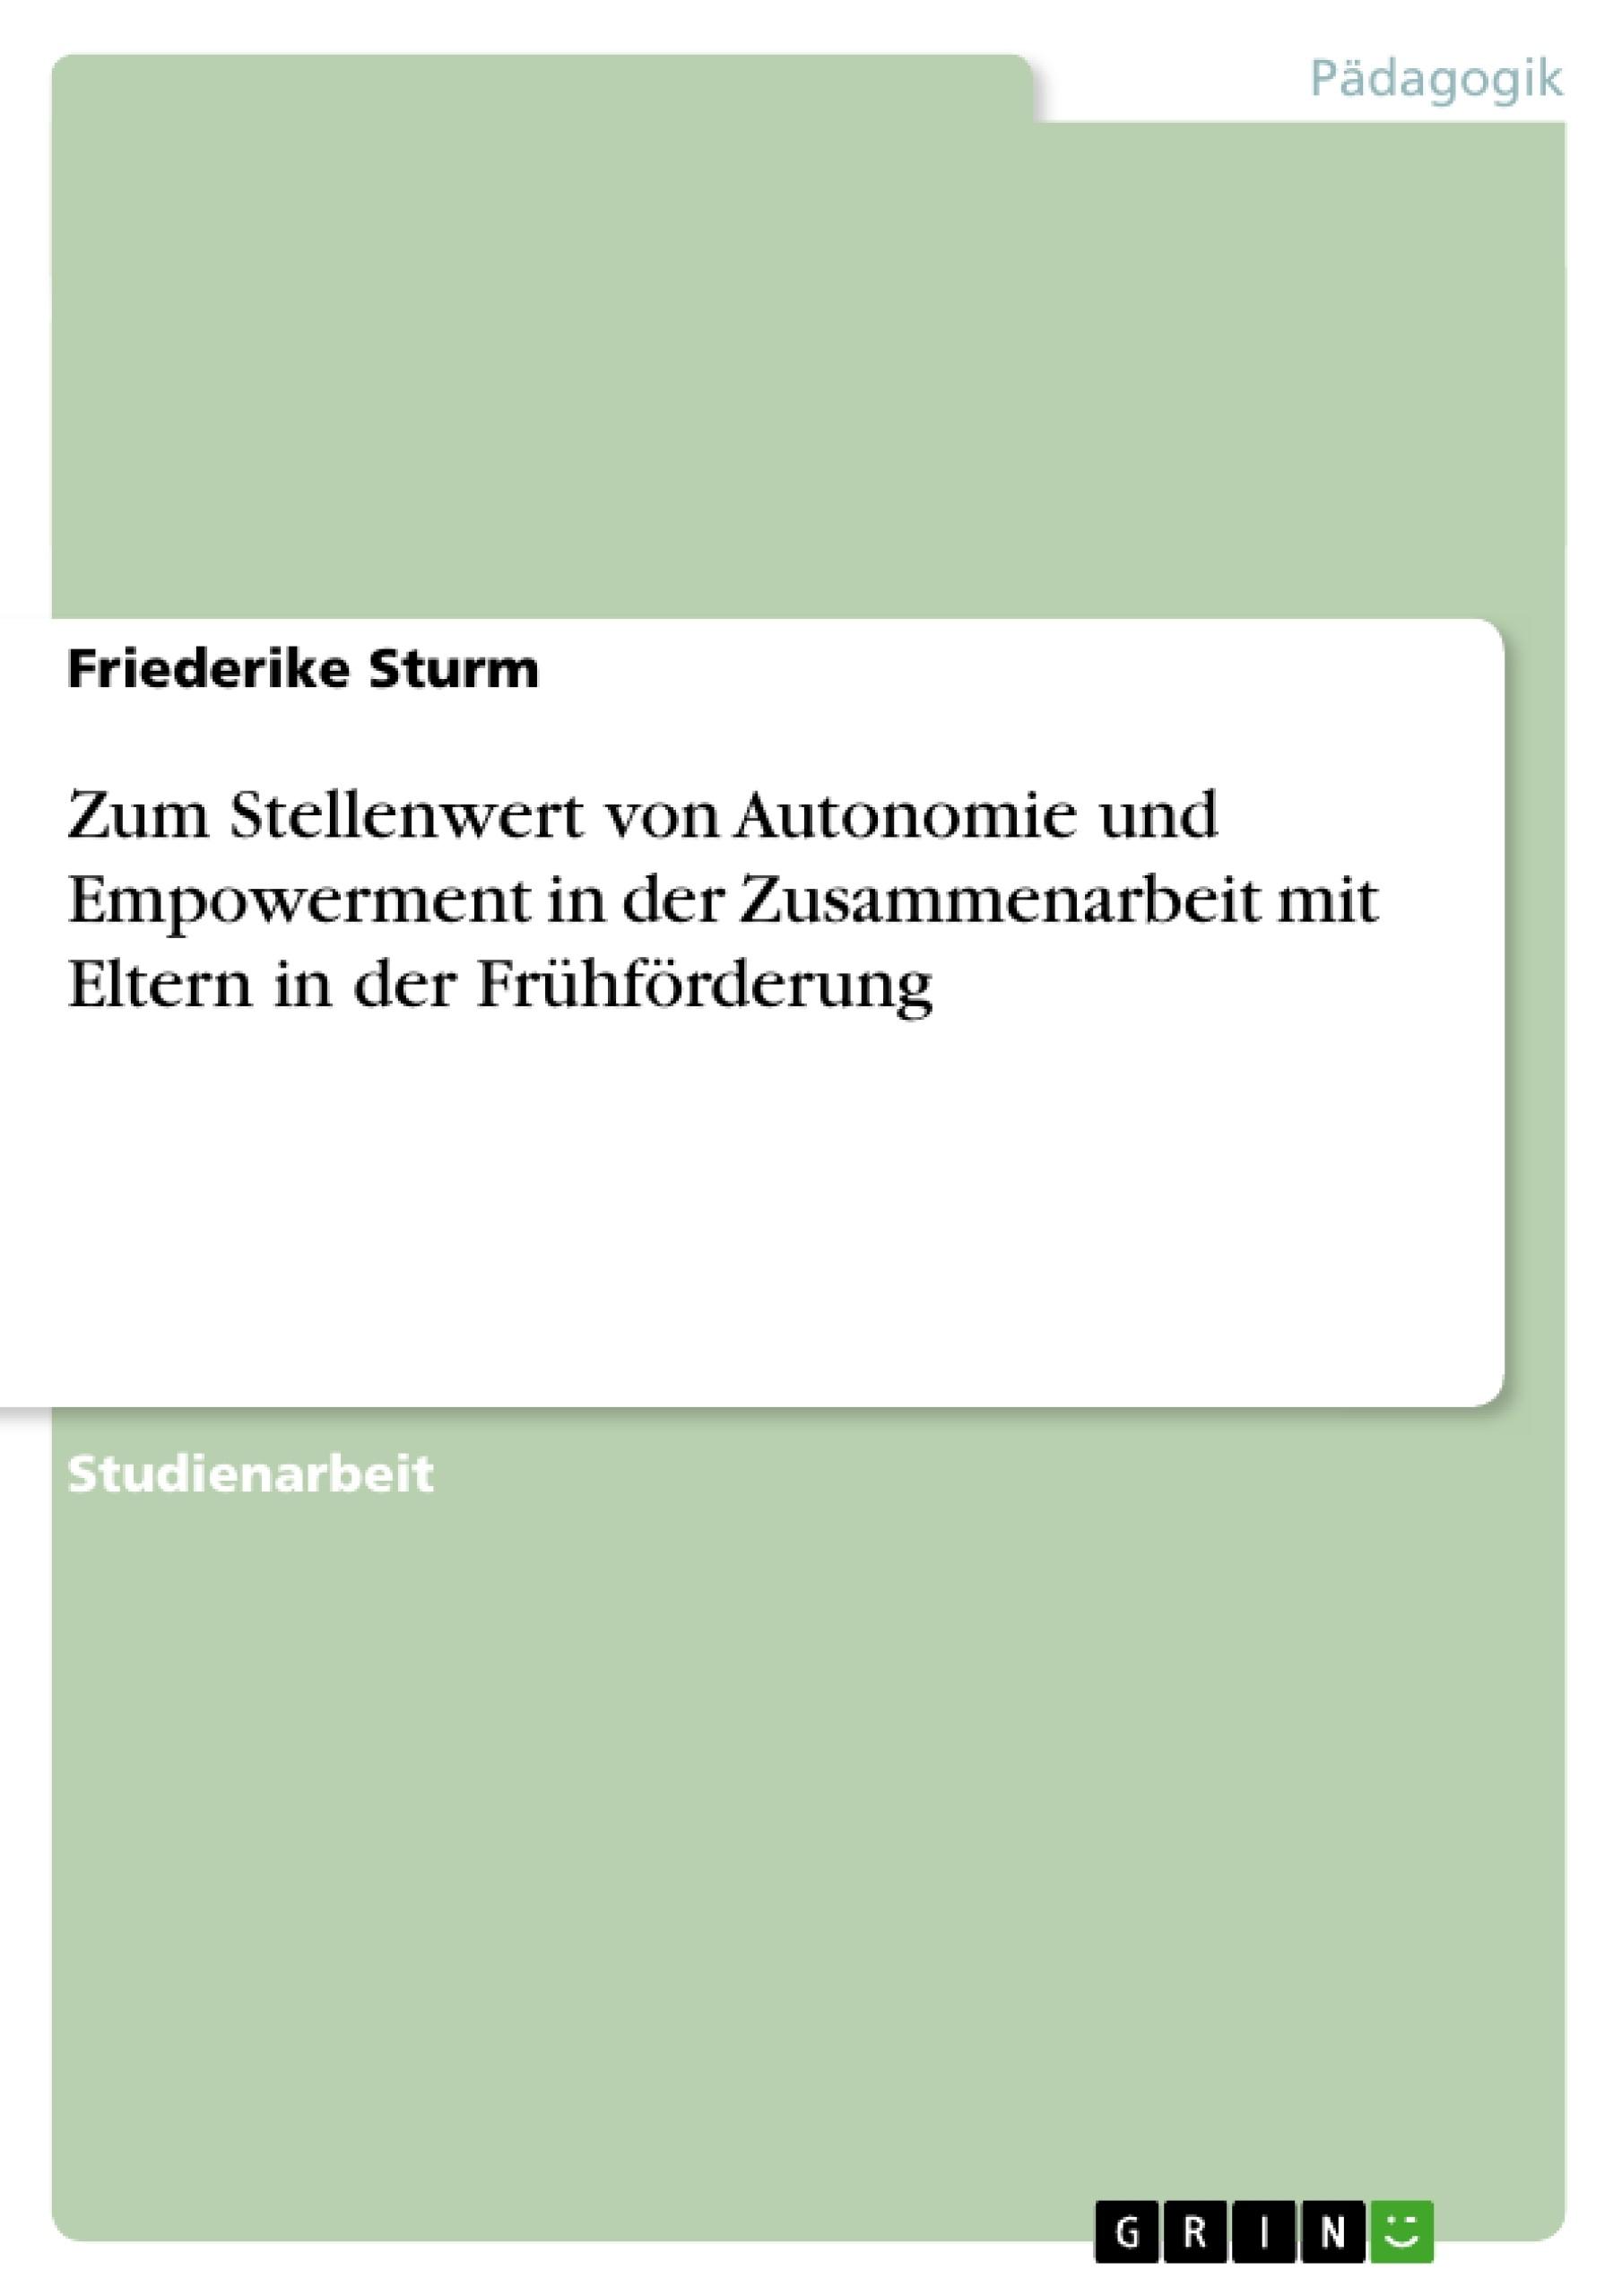 Titel: Zum Stellenwert von Autonomie und Empowerment in der Zusammenarbeit mit Eltern in der Frühförderung